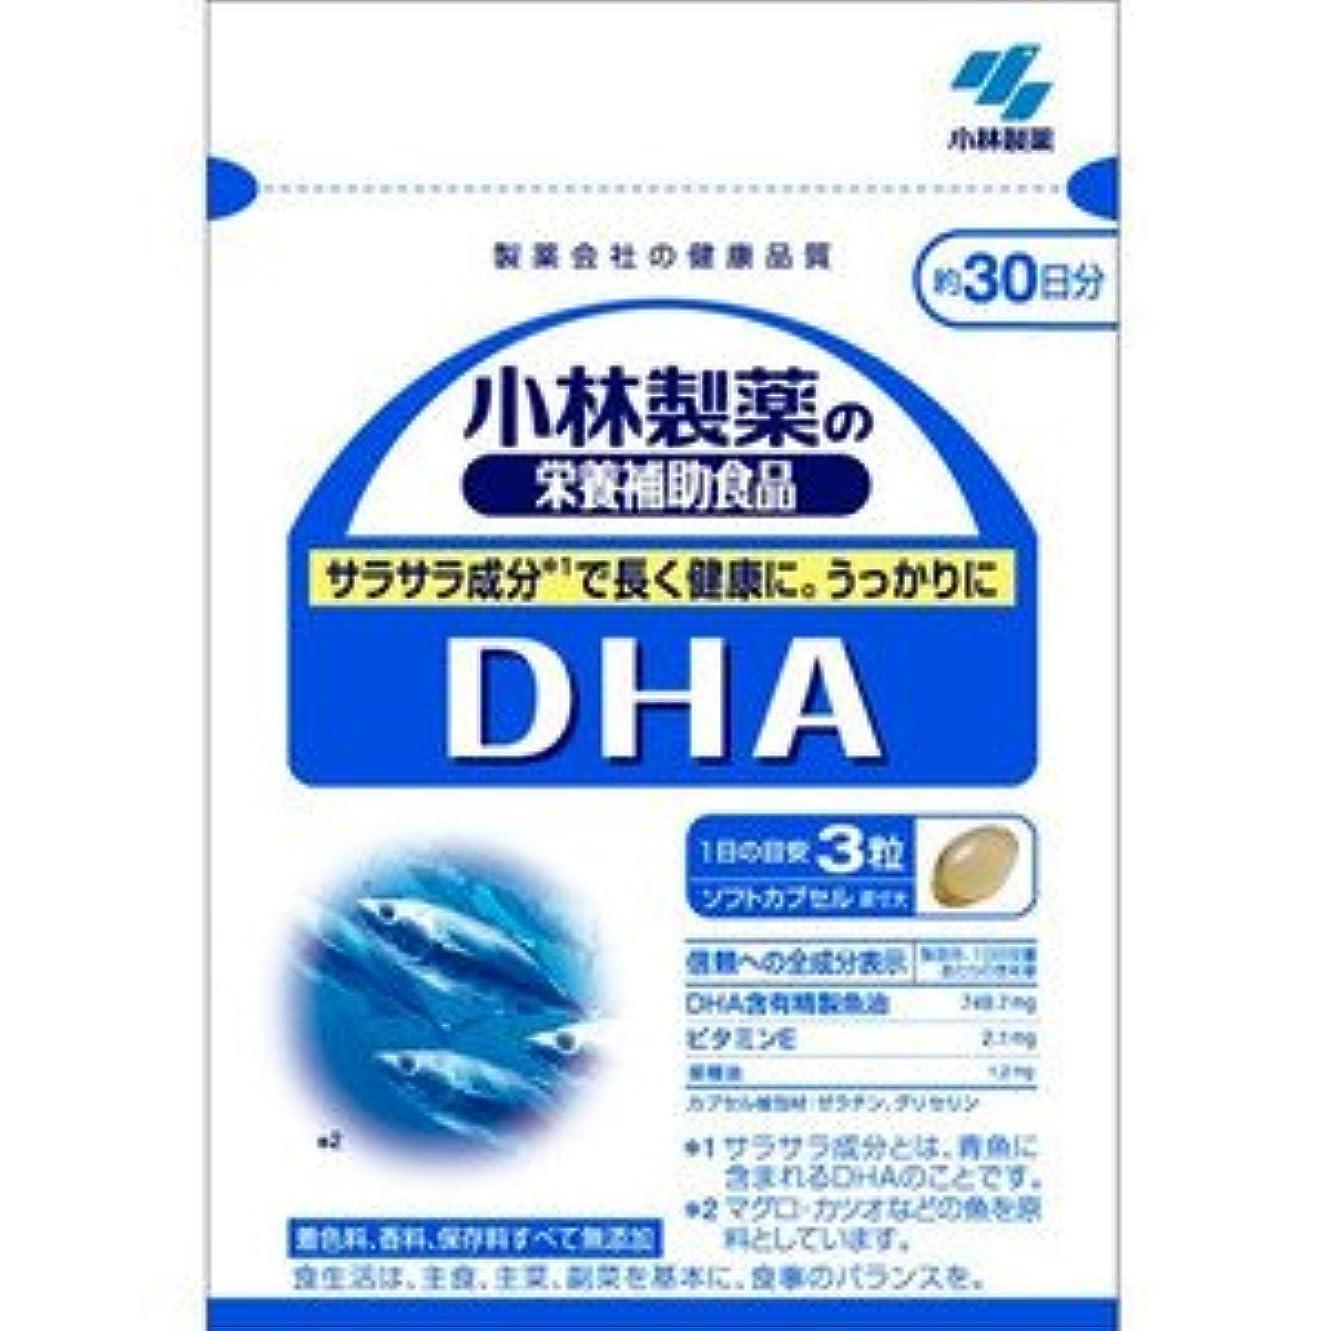 便利さ薄汚い海賊【小林製薬】DHA 90粒(お買い得3個セット)